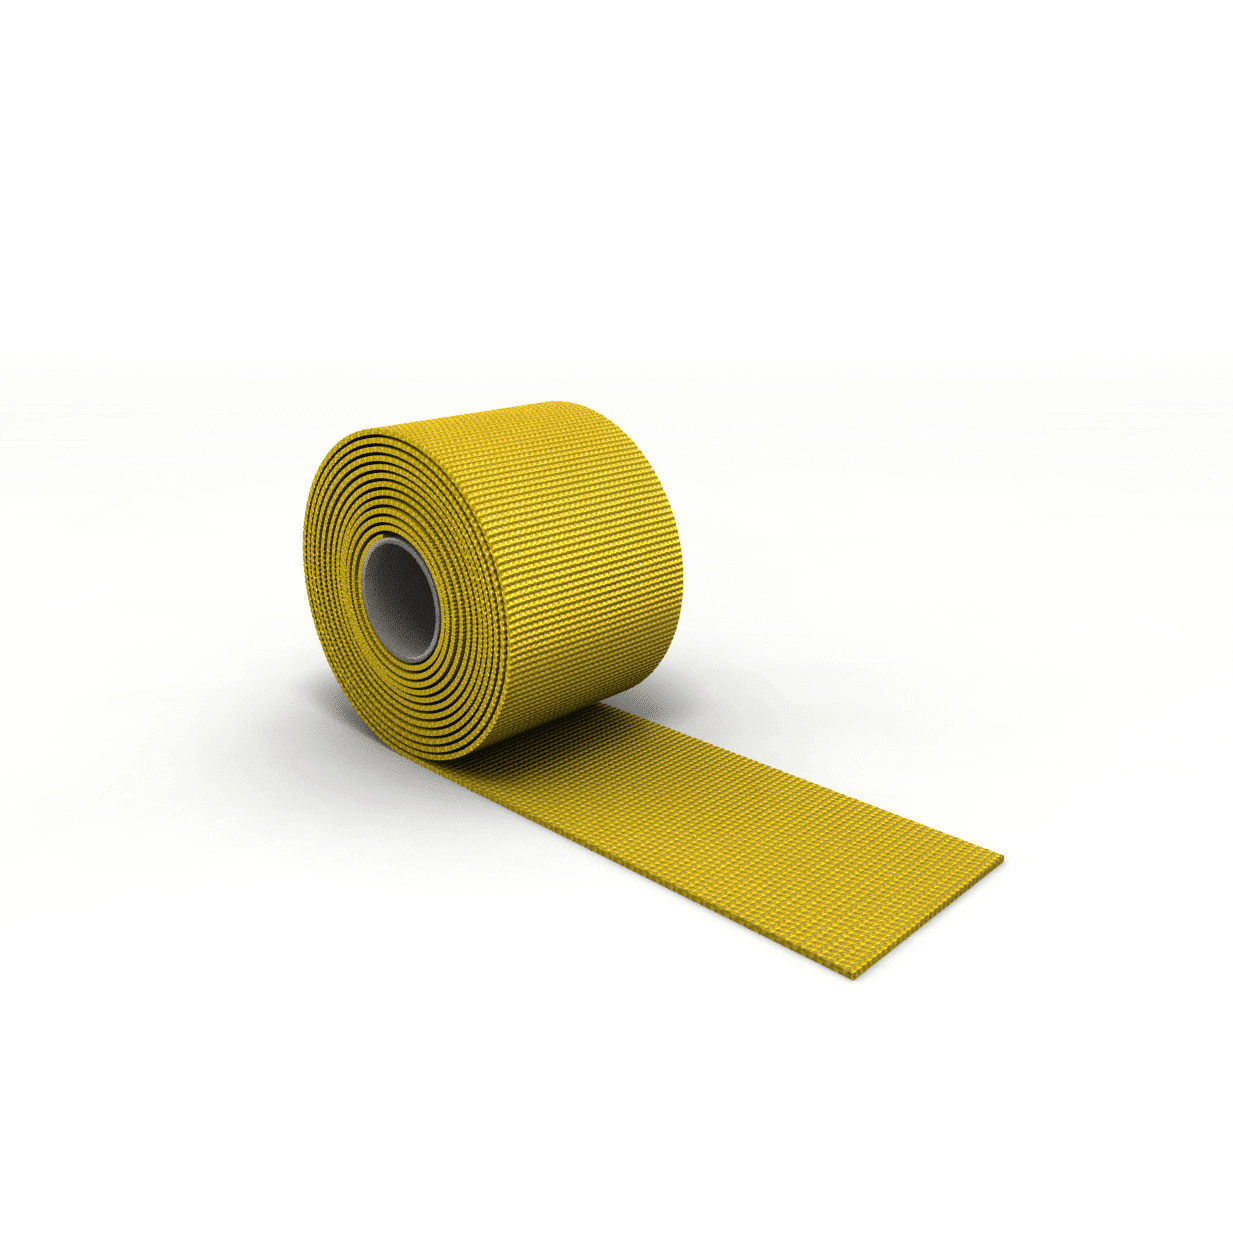 Gurtband für Rodelsitz gelb